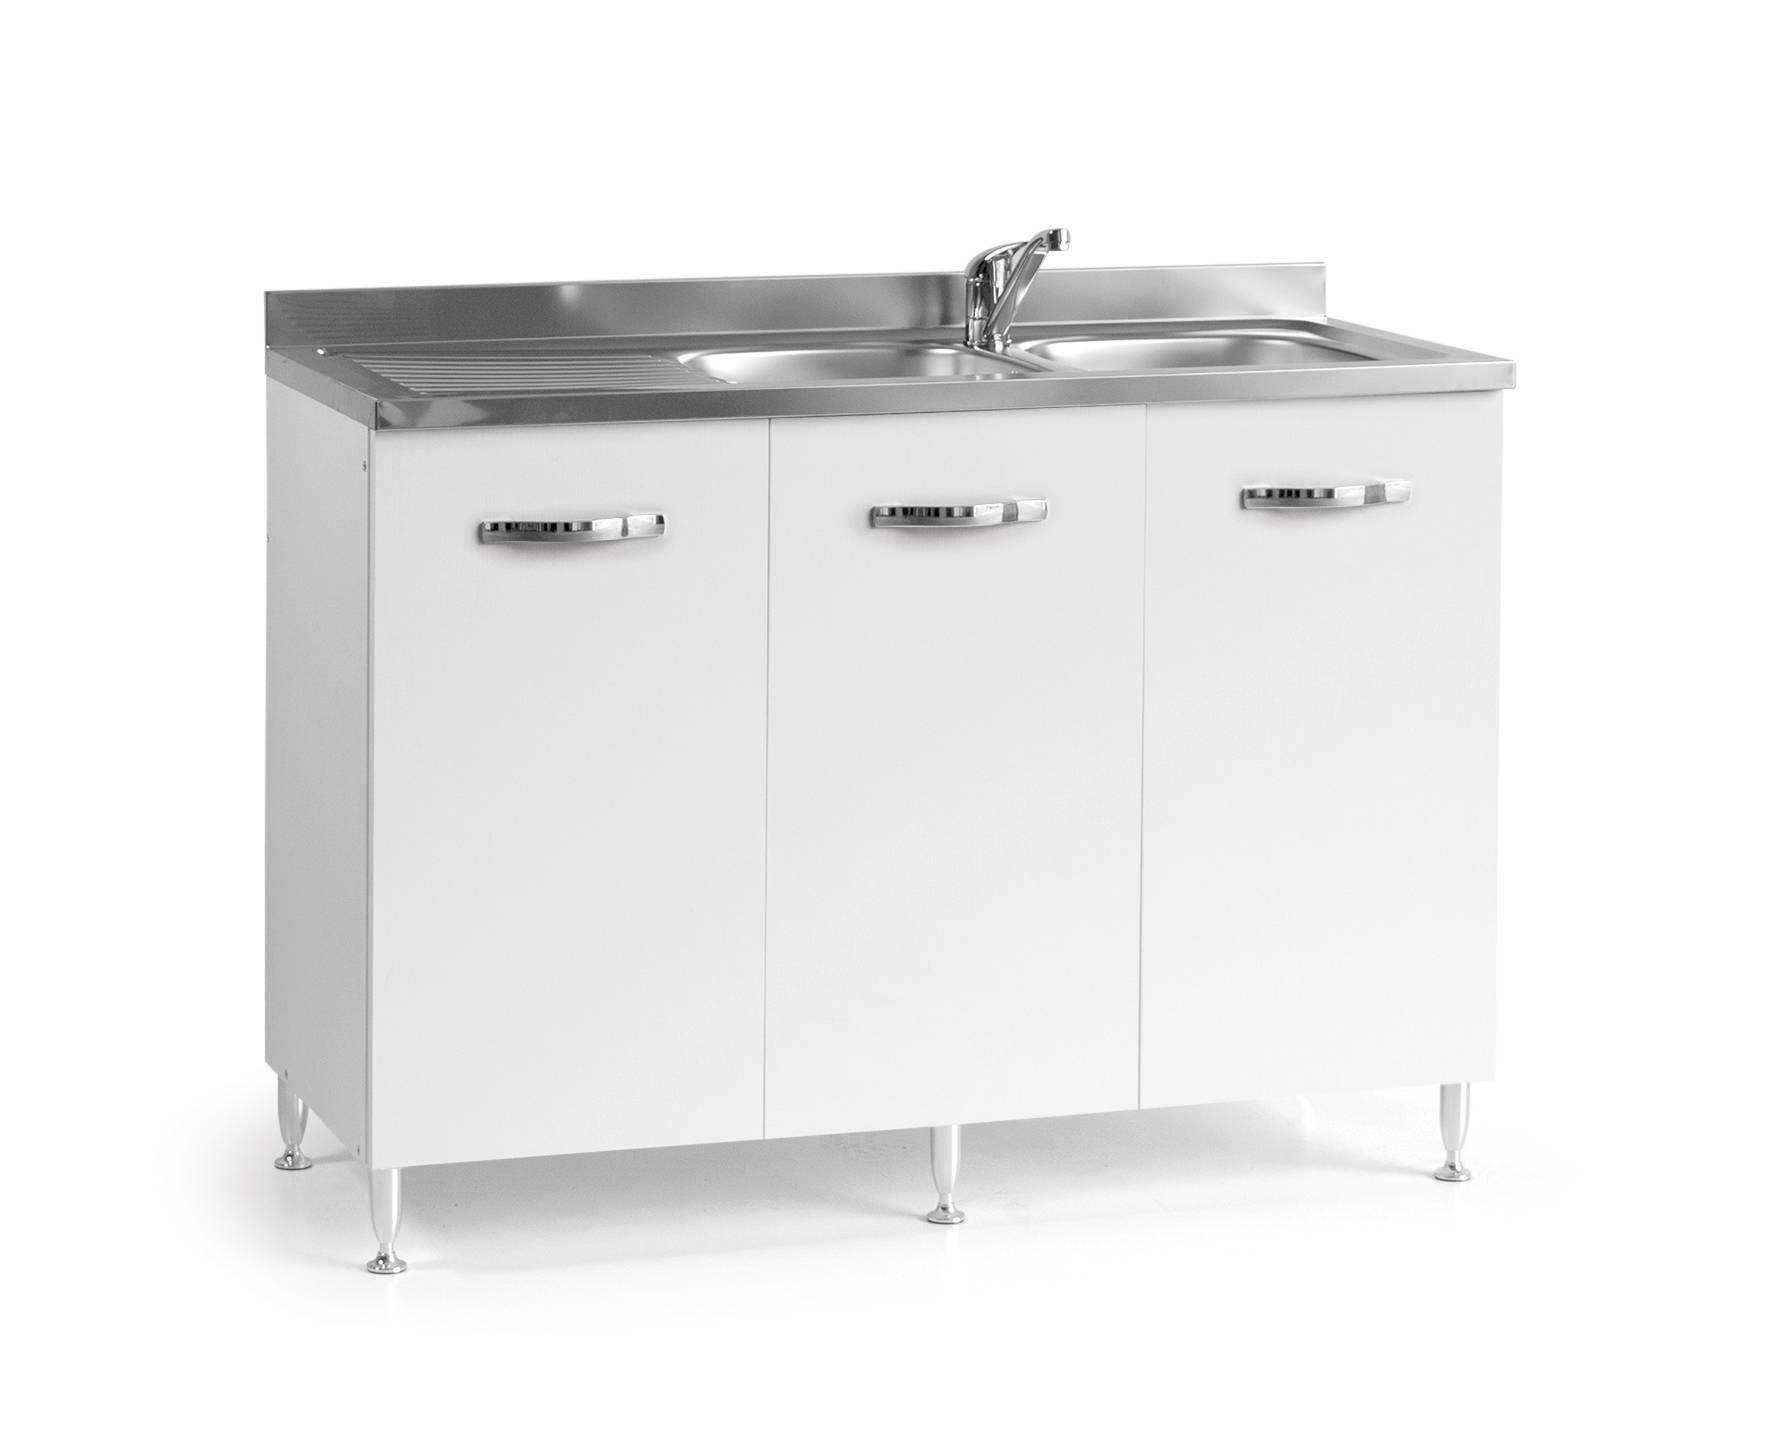 caesaroo base sottolavello cucina 120x50xh85 in legno con lavello a doppia vasca   bianco